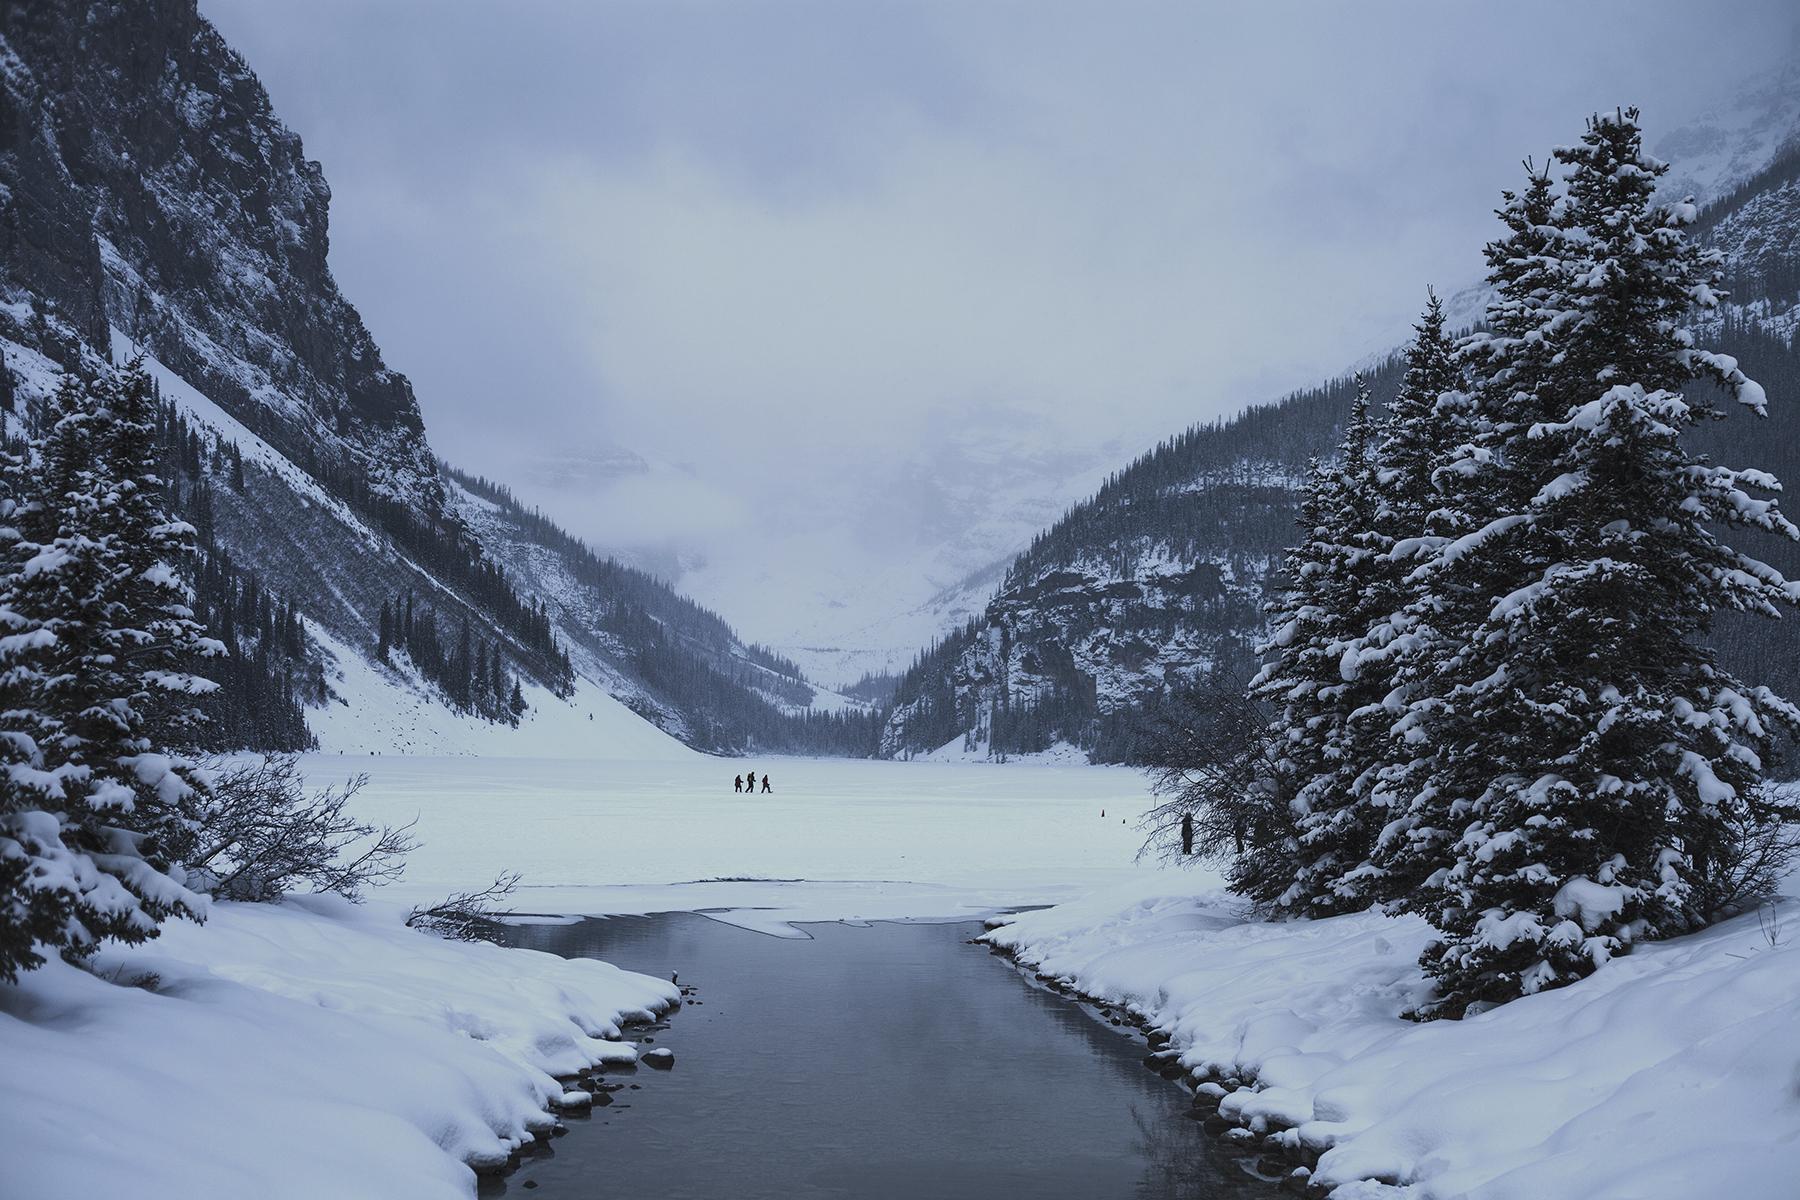 Winter at Lake Louise - 2014